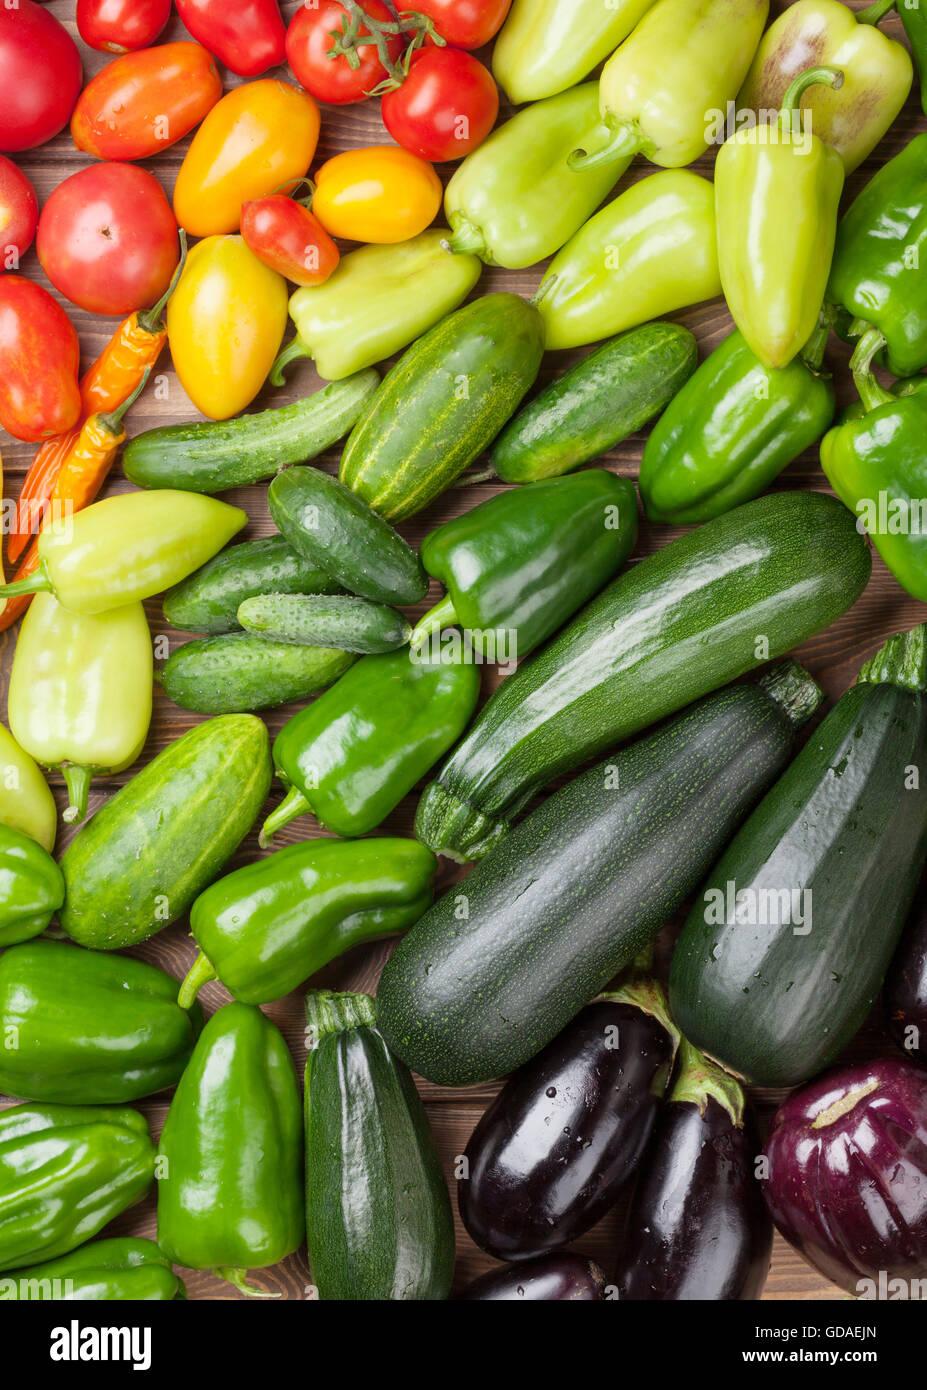 Les producteurs de légumes frais du jardin sur table en bois. Vue d'en haut Photo Stock